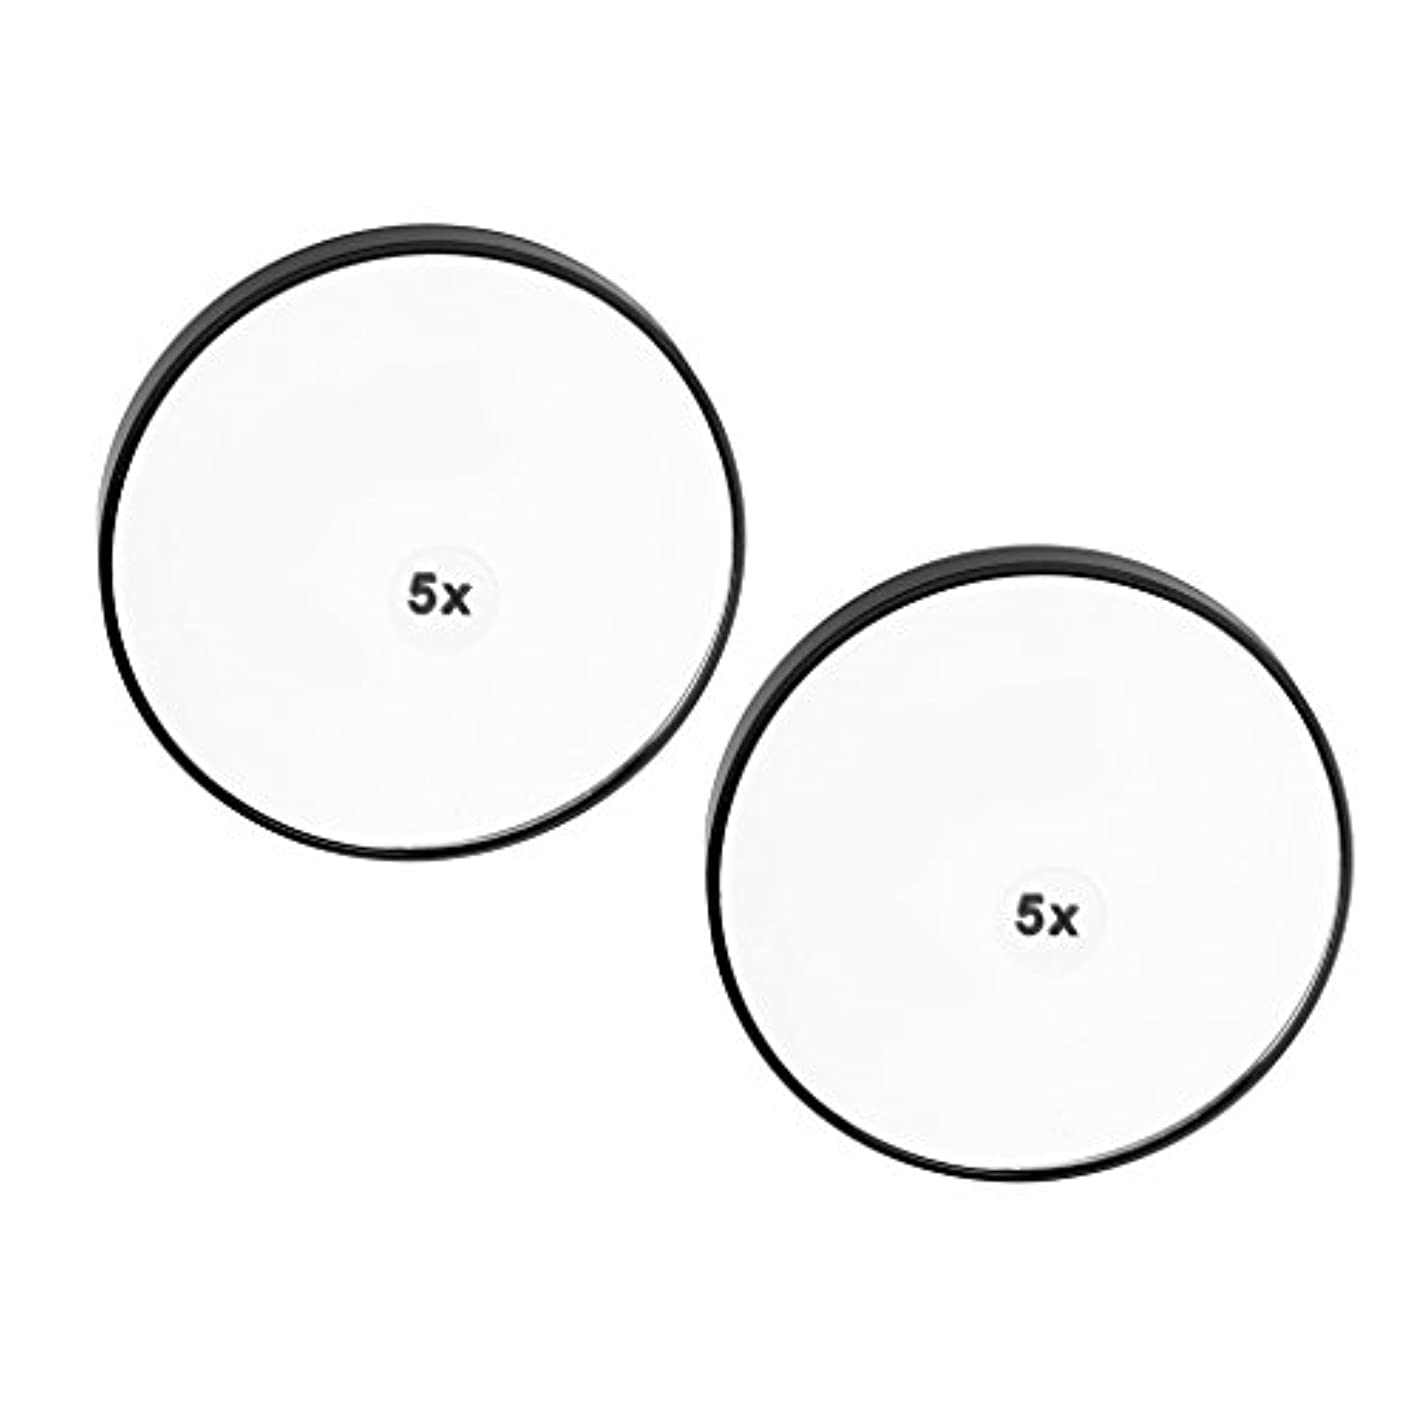 お風呂トロイの木馬政権メイクアップミラー 化粧鏡 壁吸引ミラー 2個 サクションメイクミラー - 5倍拡大